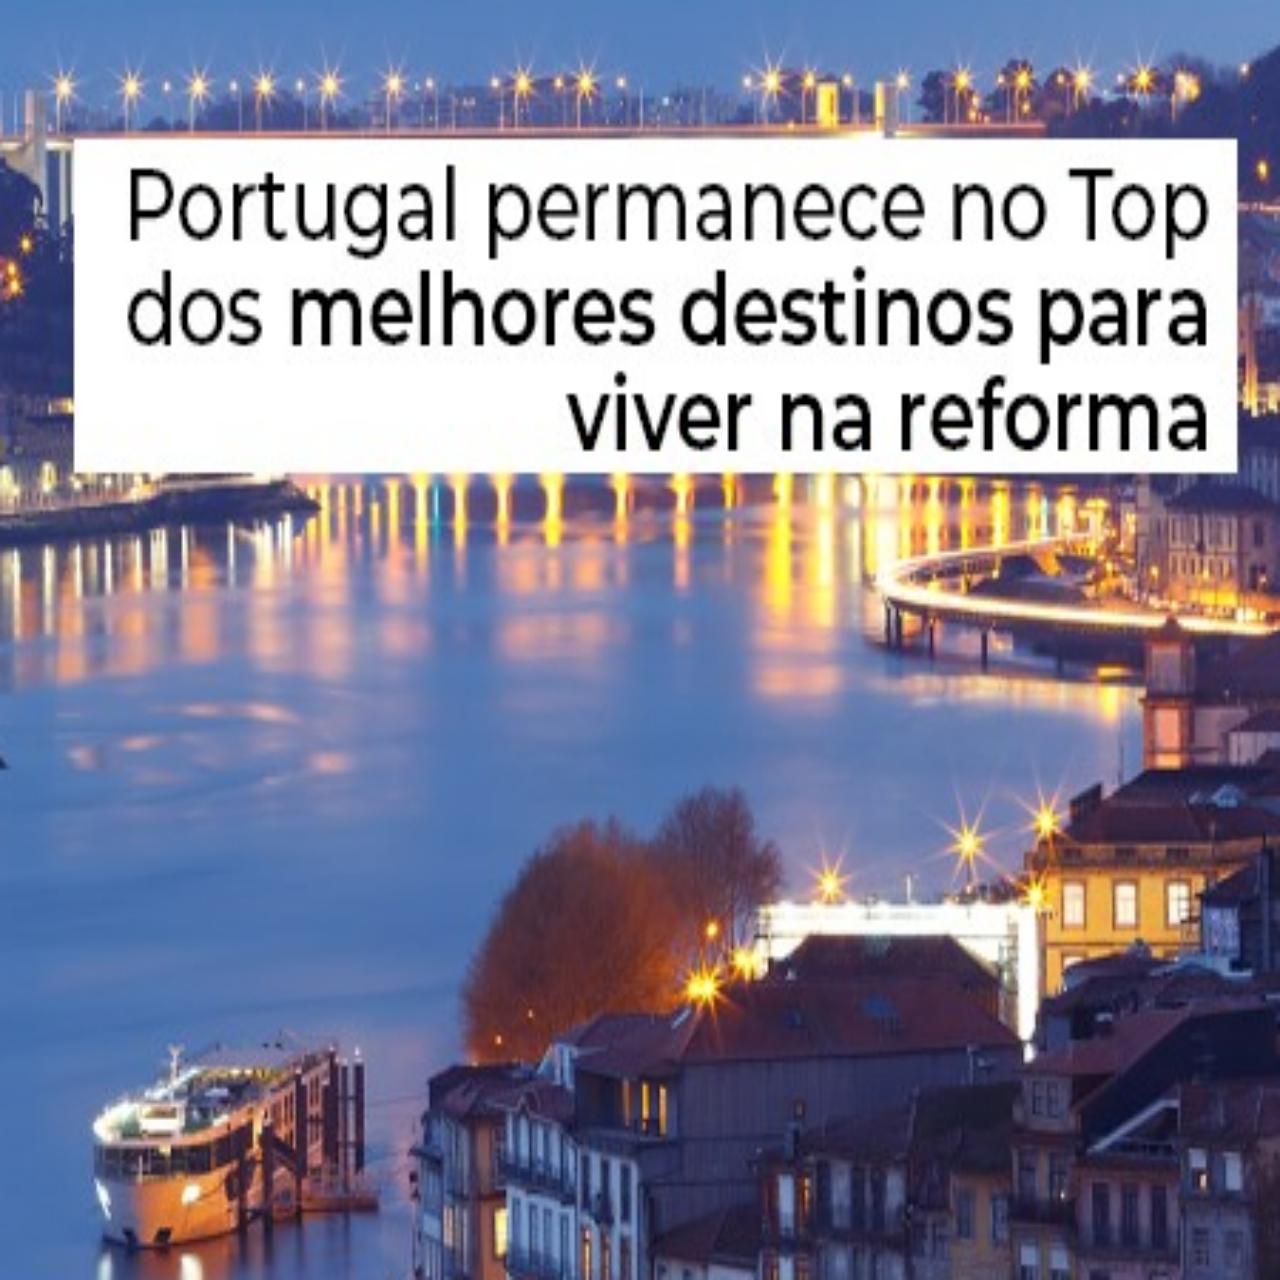 Portugal permanece no Top dos melhores destinos para viver na reforma